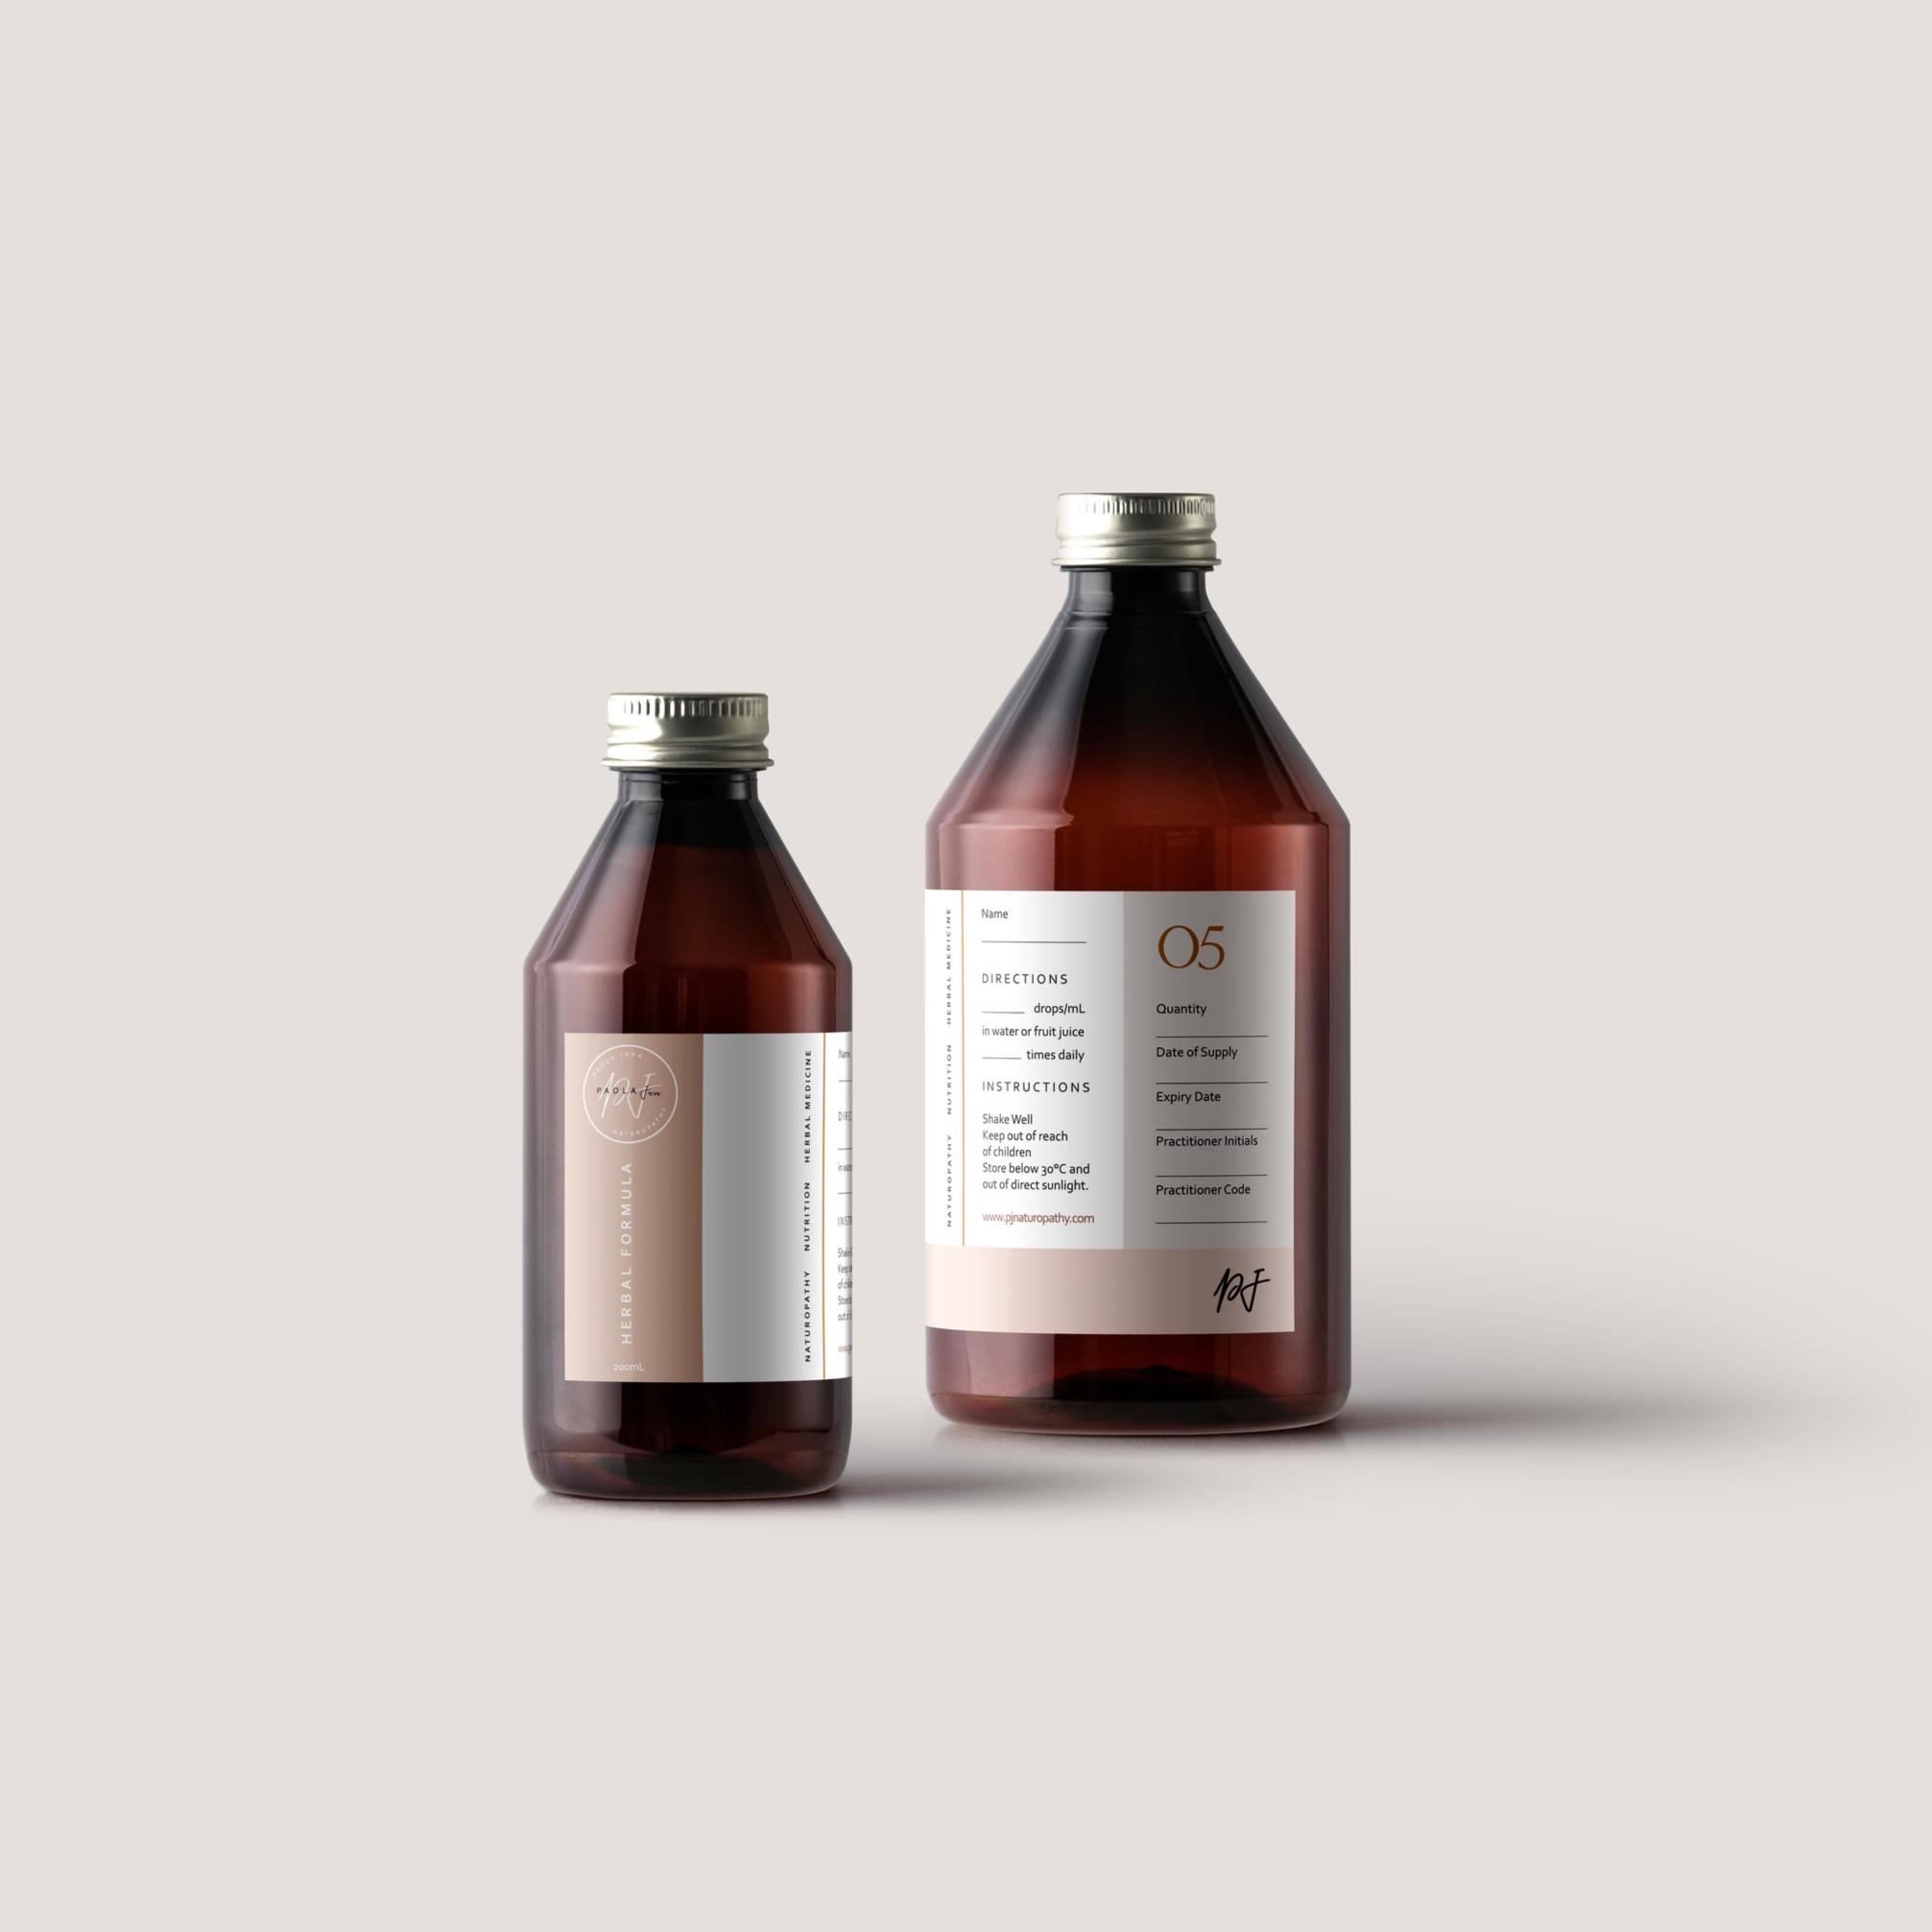 Packaging -